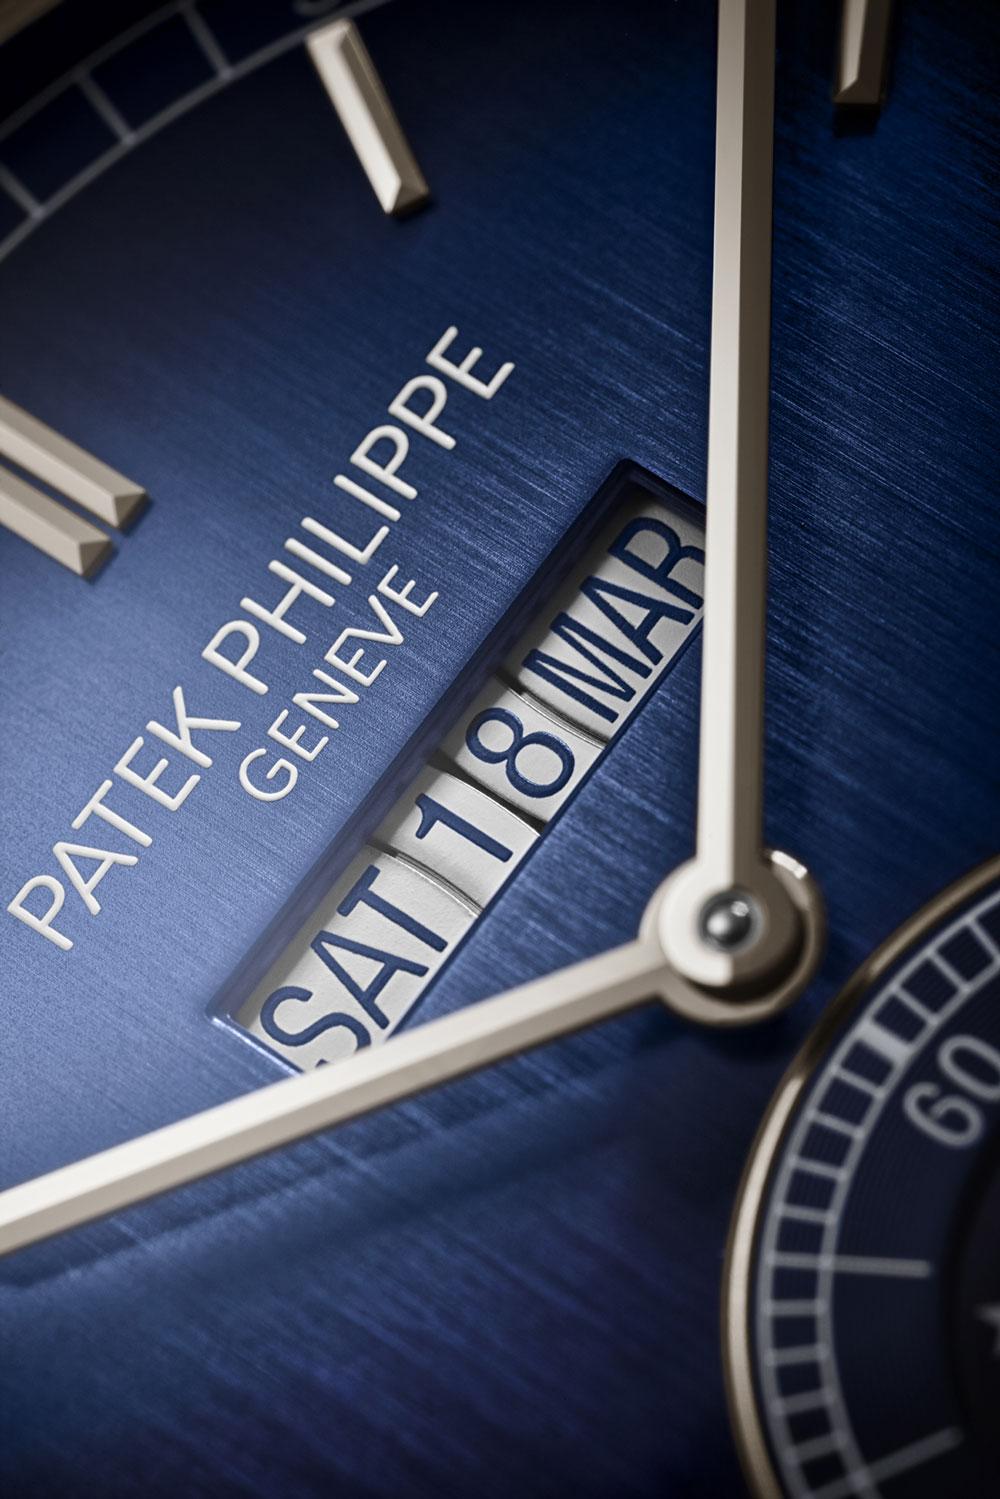 Ventana de calendario del Patek Philippe 5236P